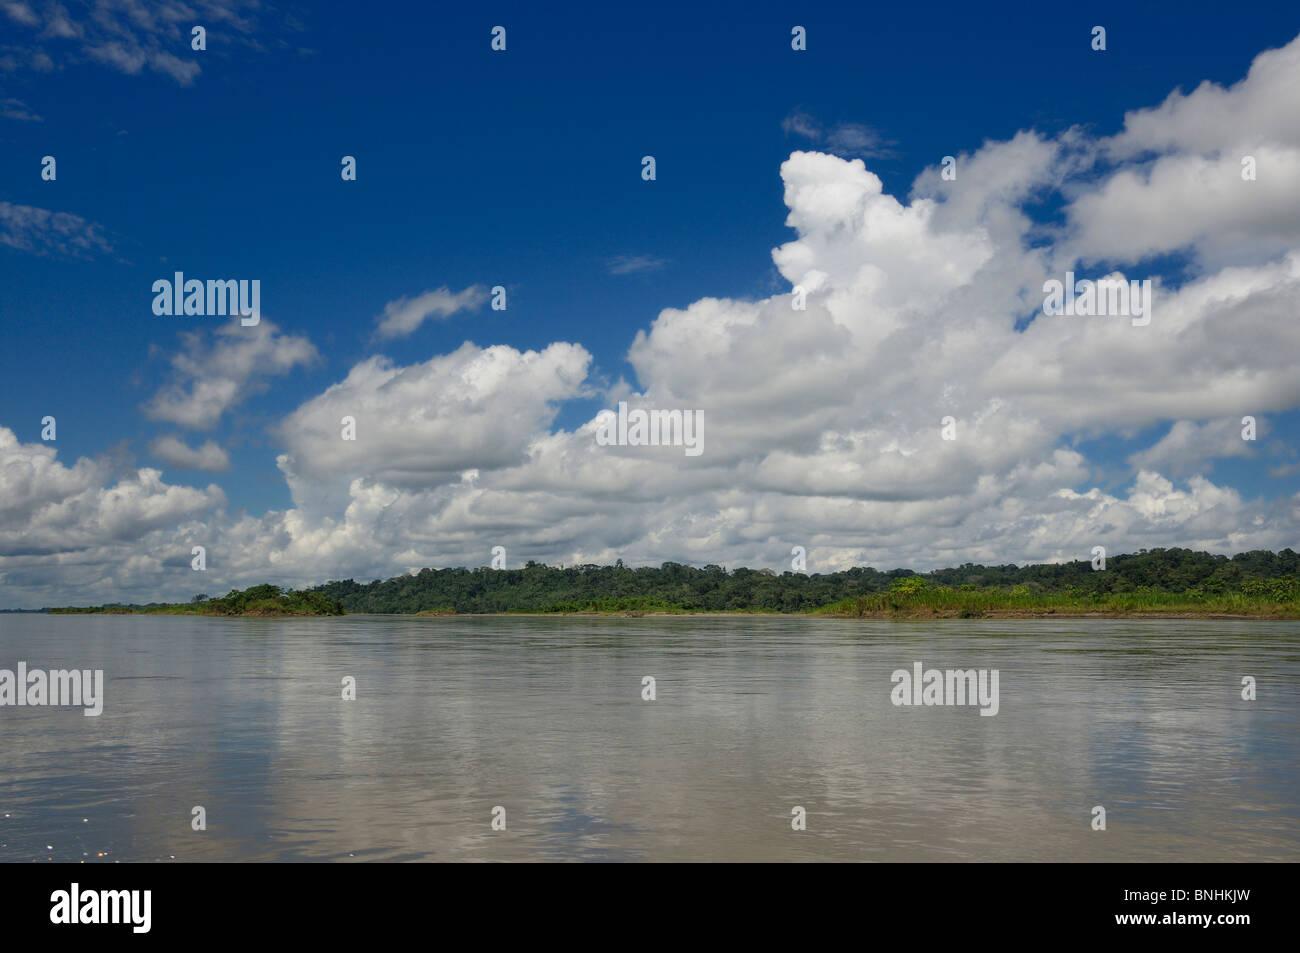 Ecuador Napo river near Coca Amazonia nature landscape scenery forest shore water tropics tropical rainforest - Stock Image